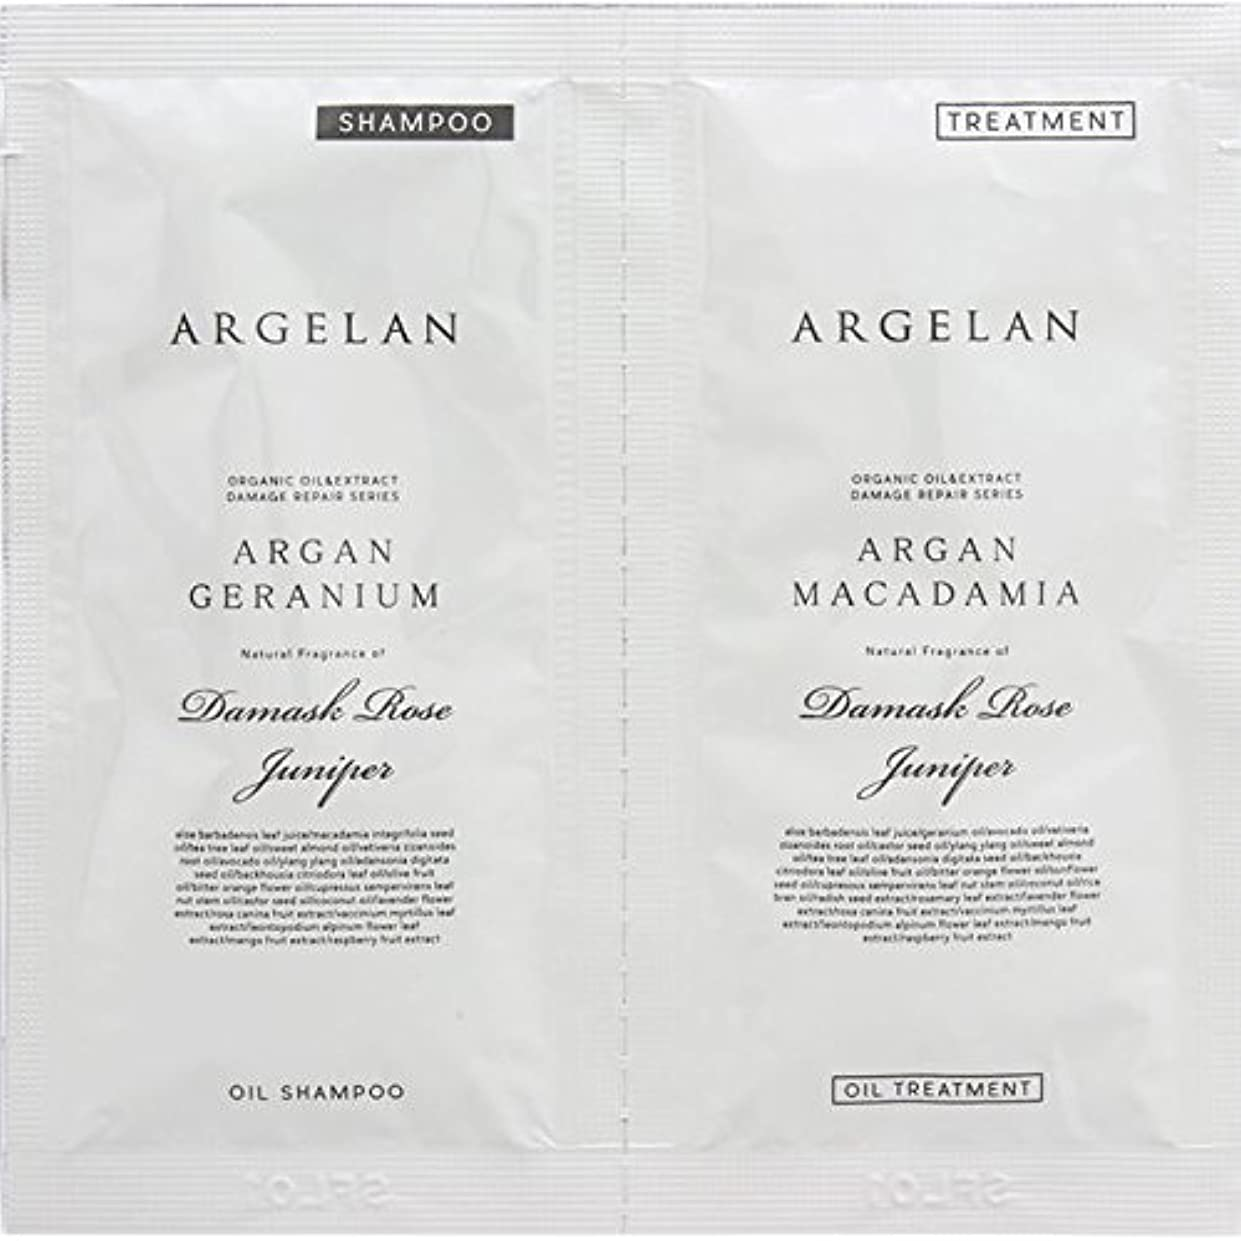 スライムダイエット批判するアルジェラン オーガニック ダメージ リペア シリーズ 1DAYトライアル 10ml+10ml